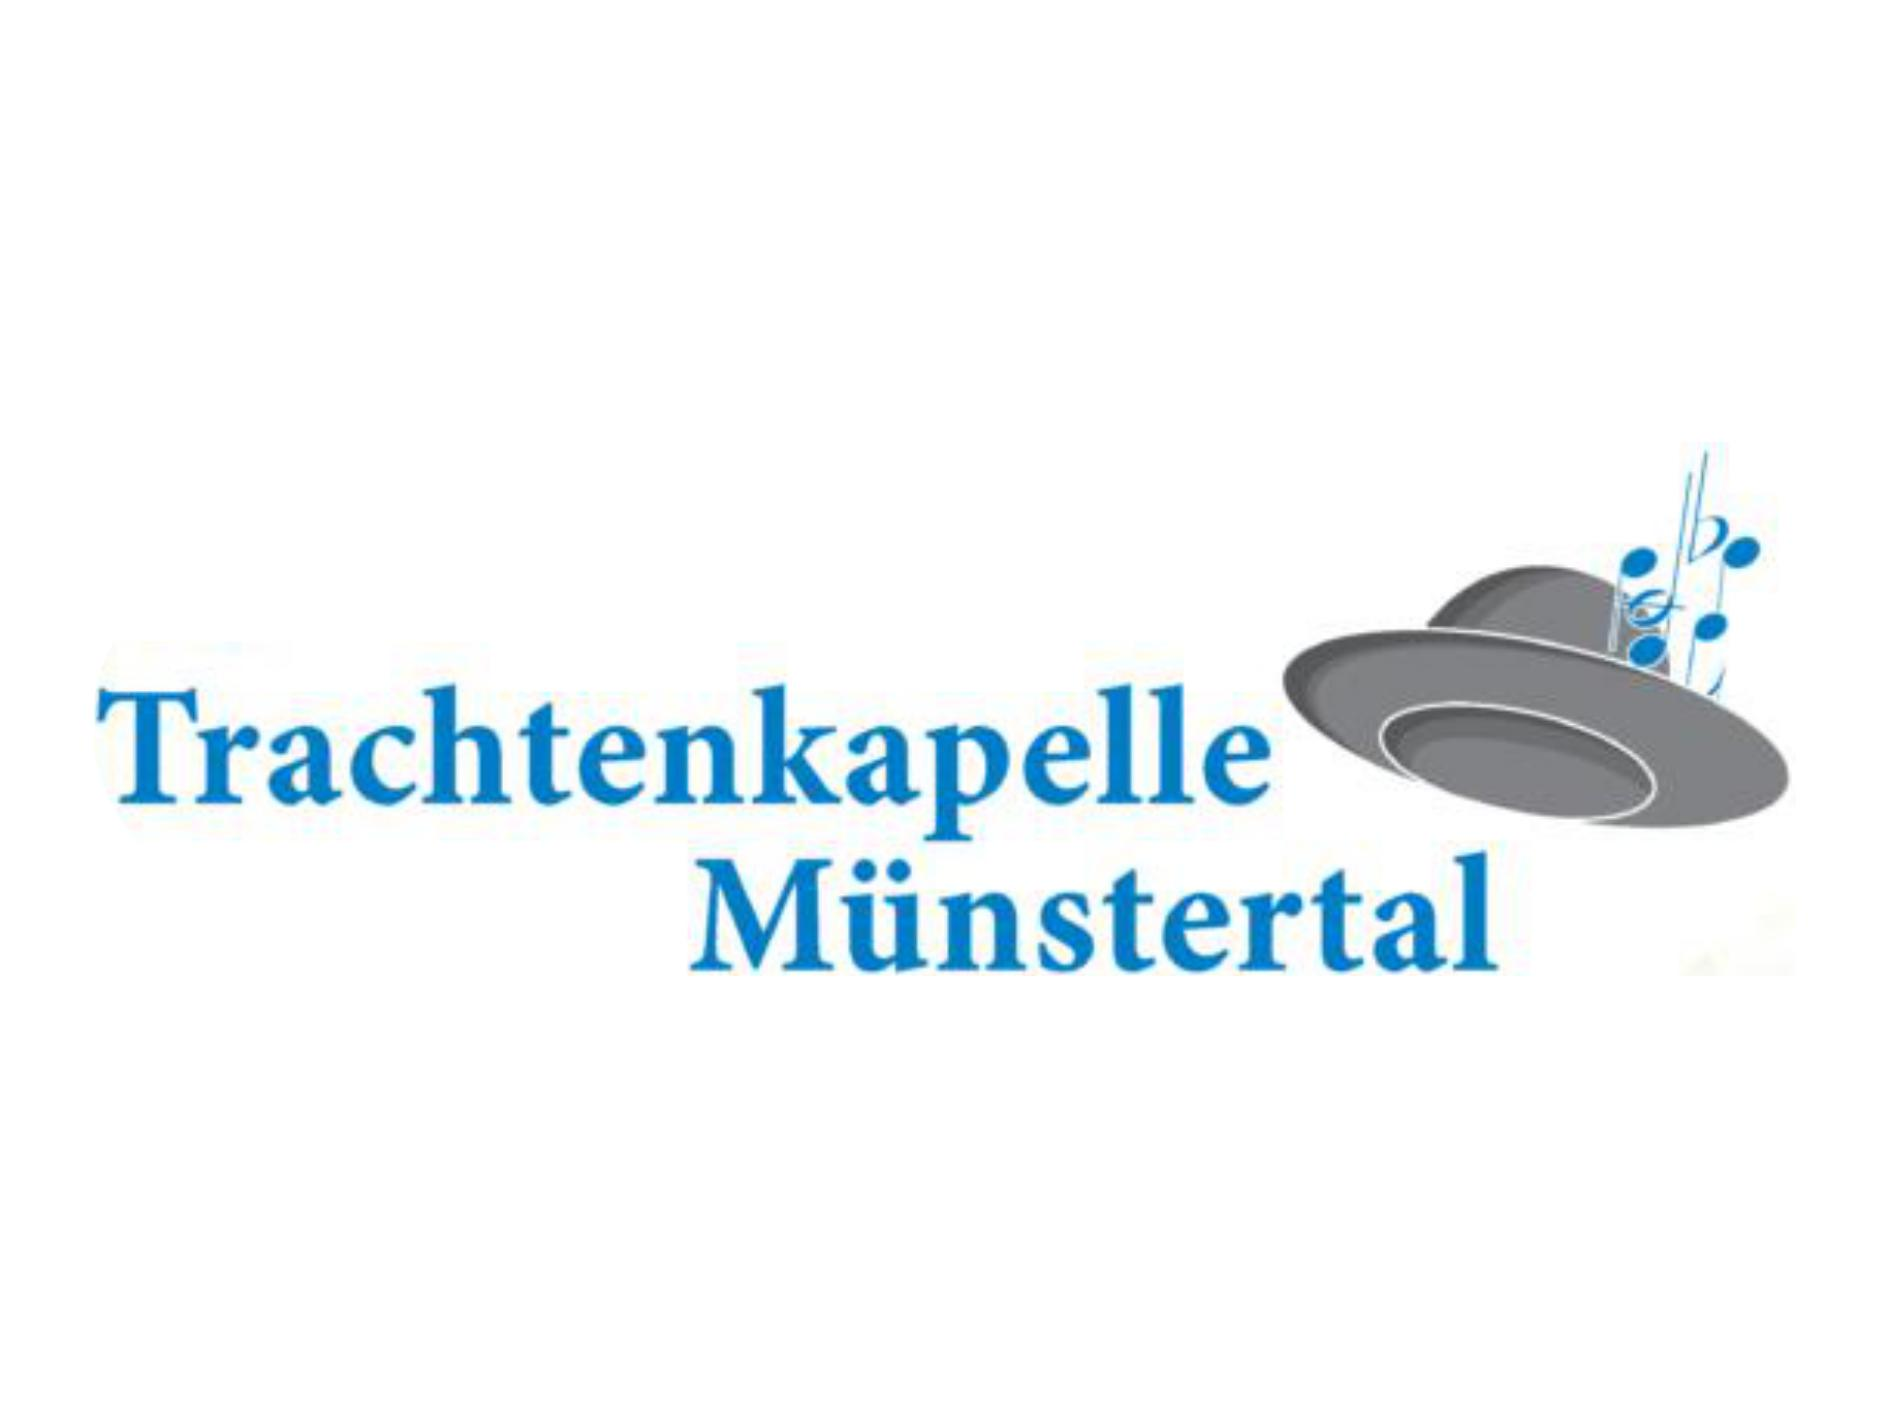 Trachtenkapelle Münstertal